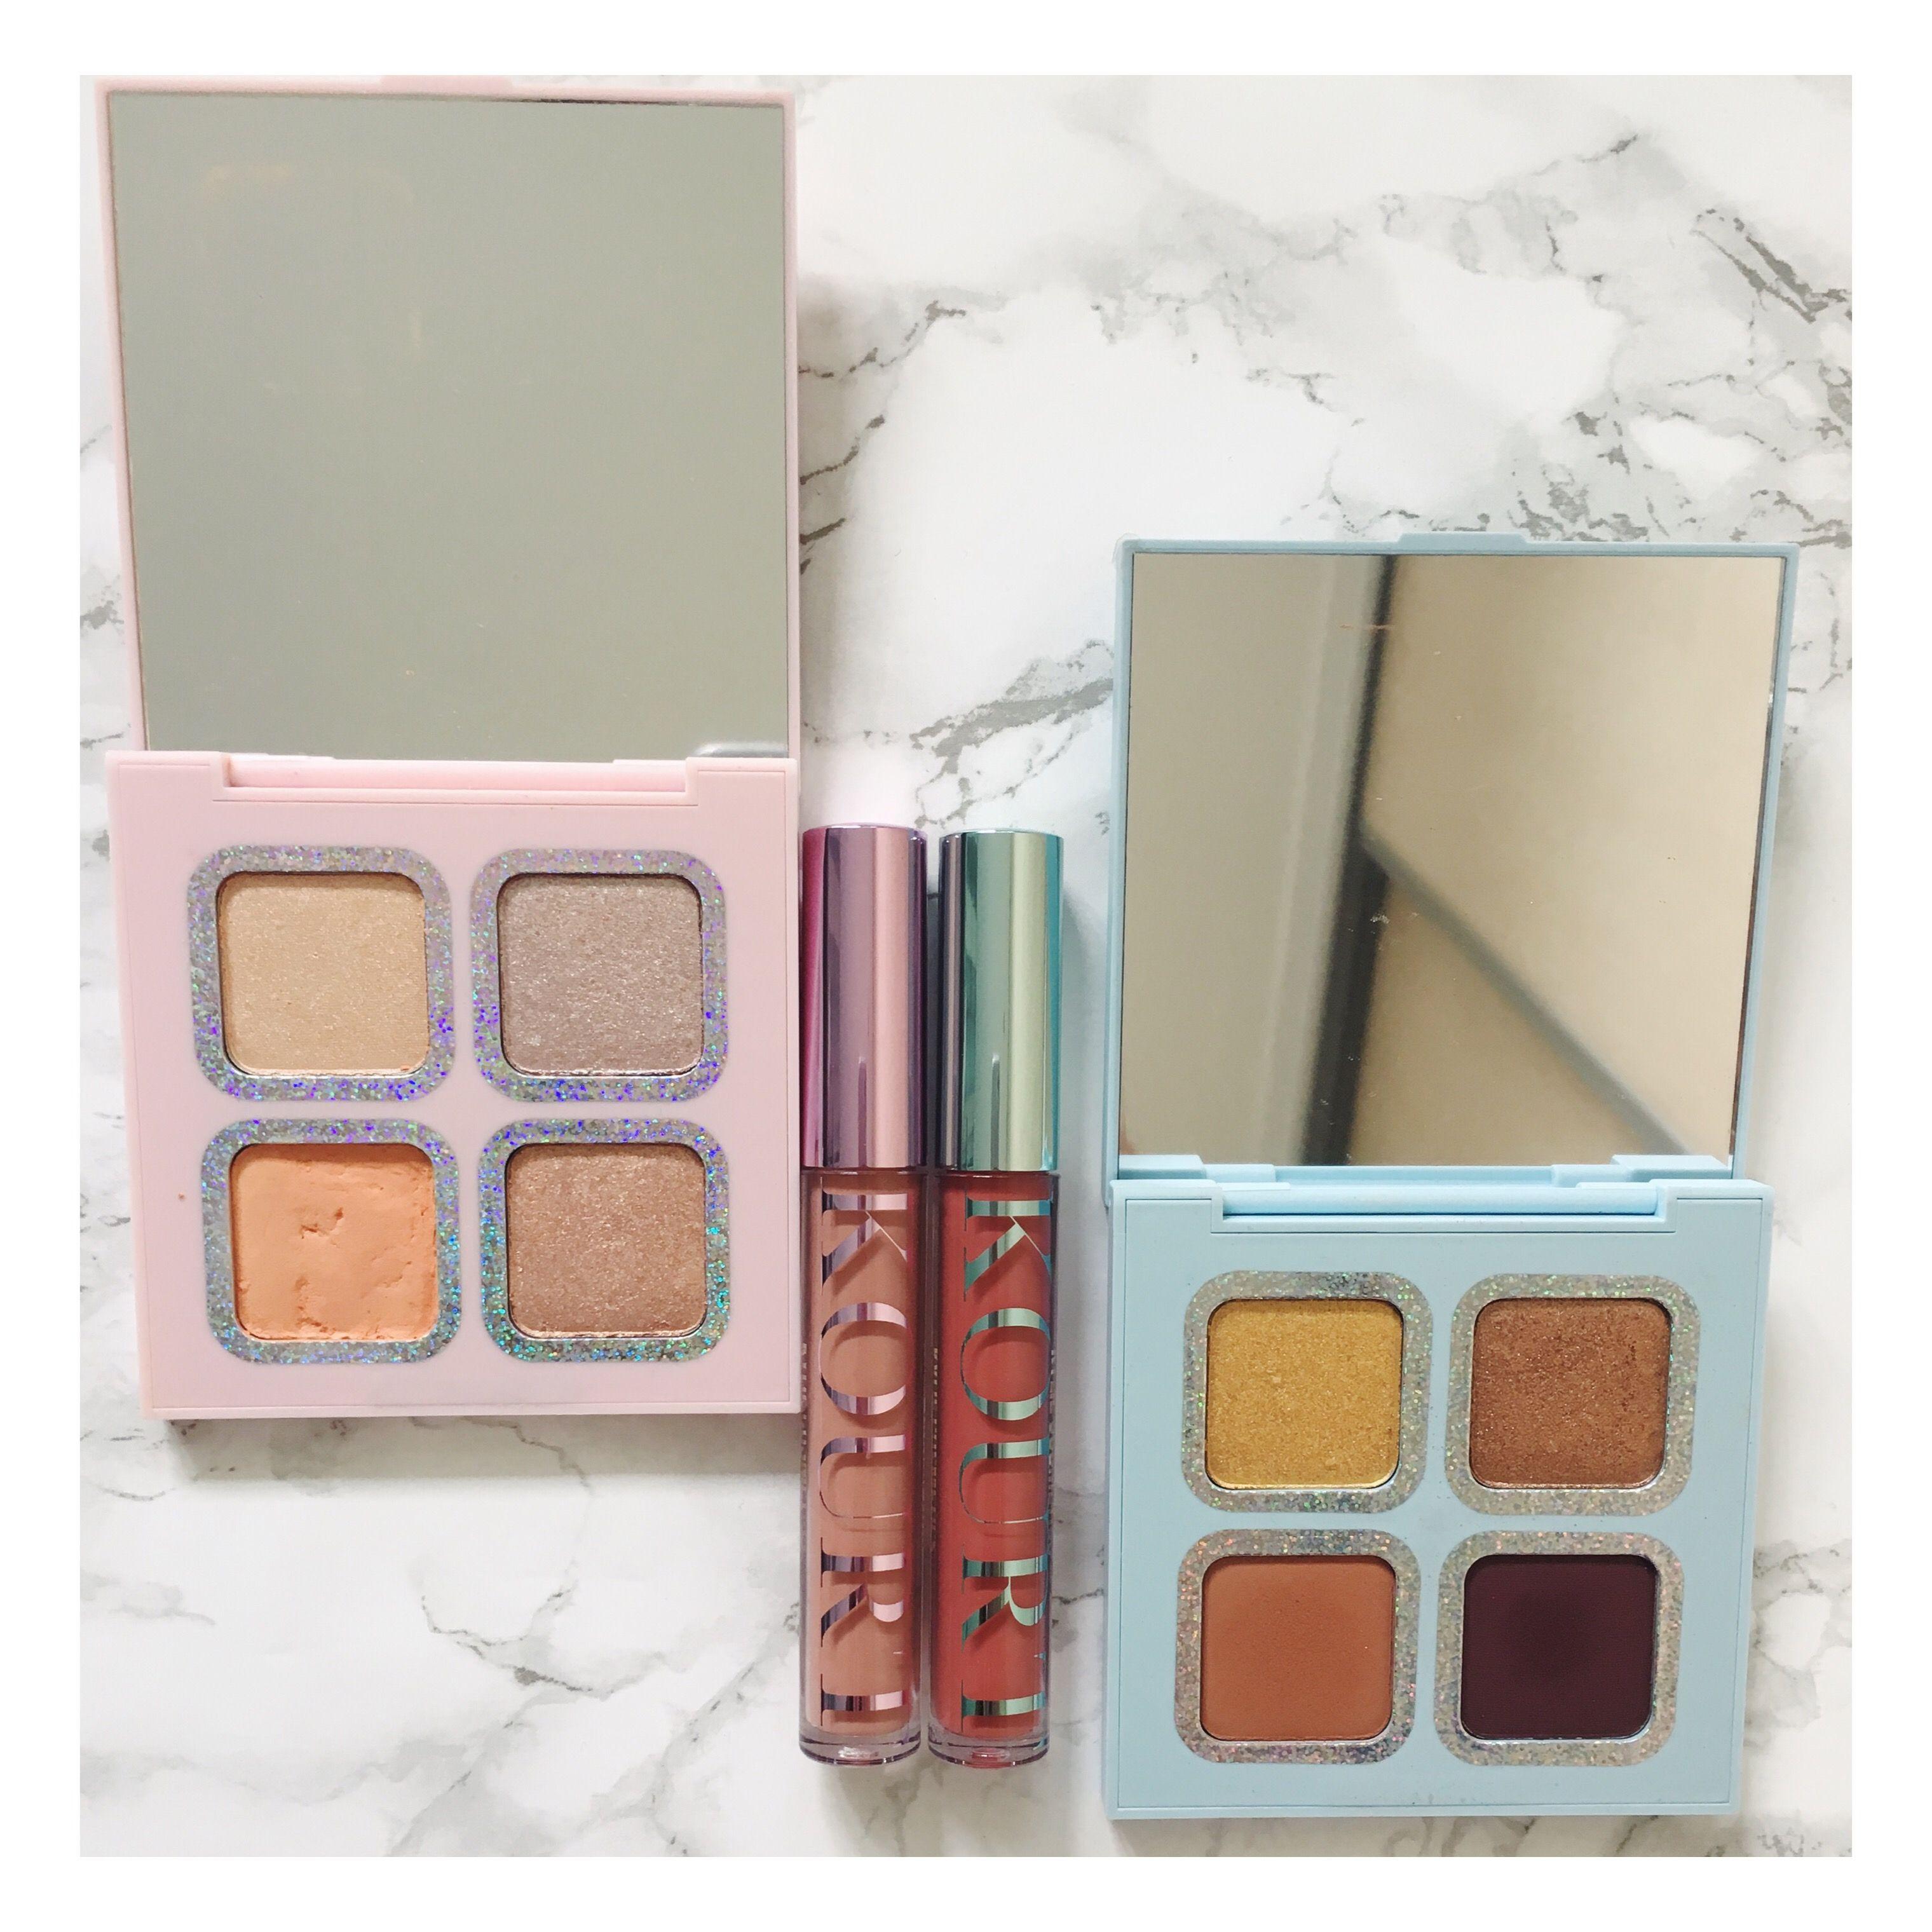 #Kyliejenner #Kyliecosmetics #Makeup #Kourtney #Kardashian #Lipstick #Liquid #Eyeshadow